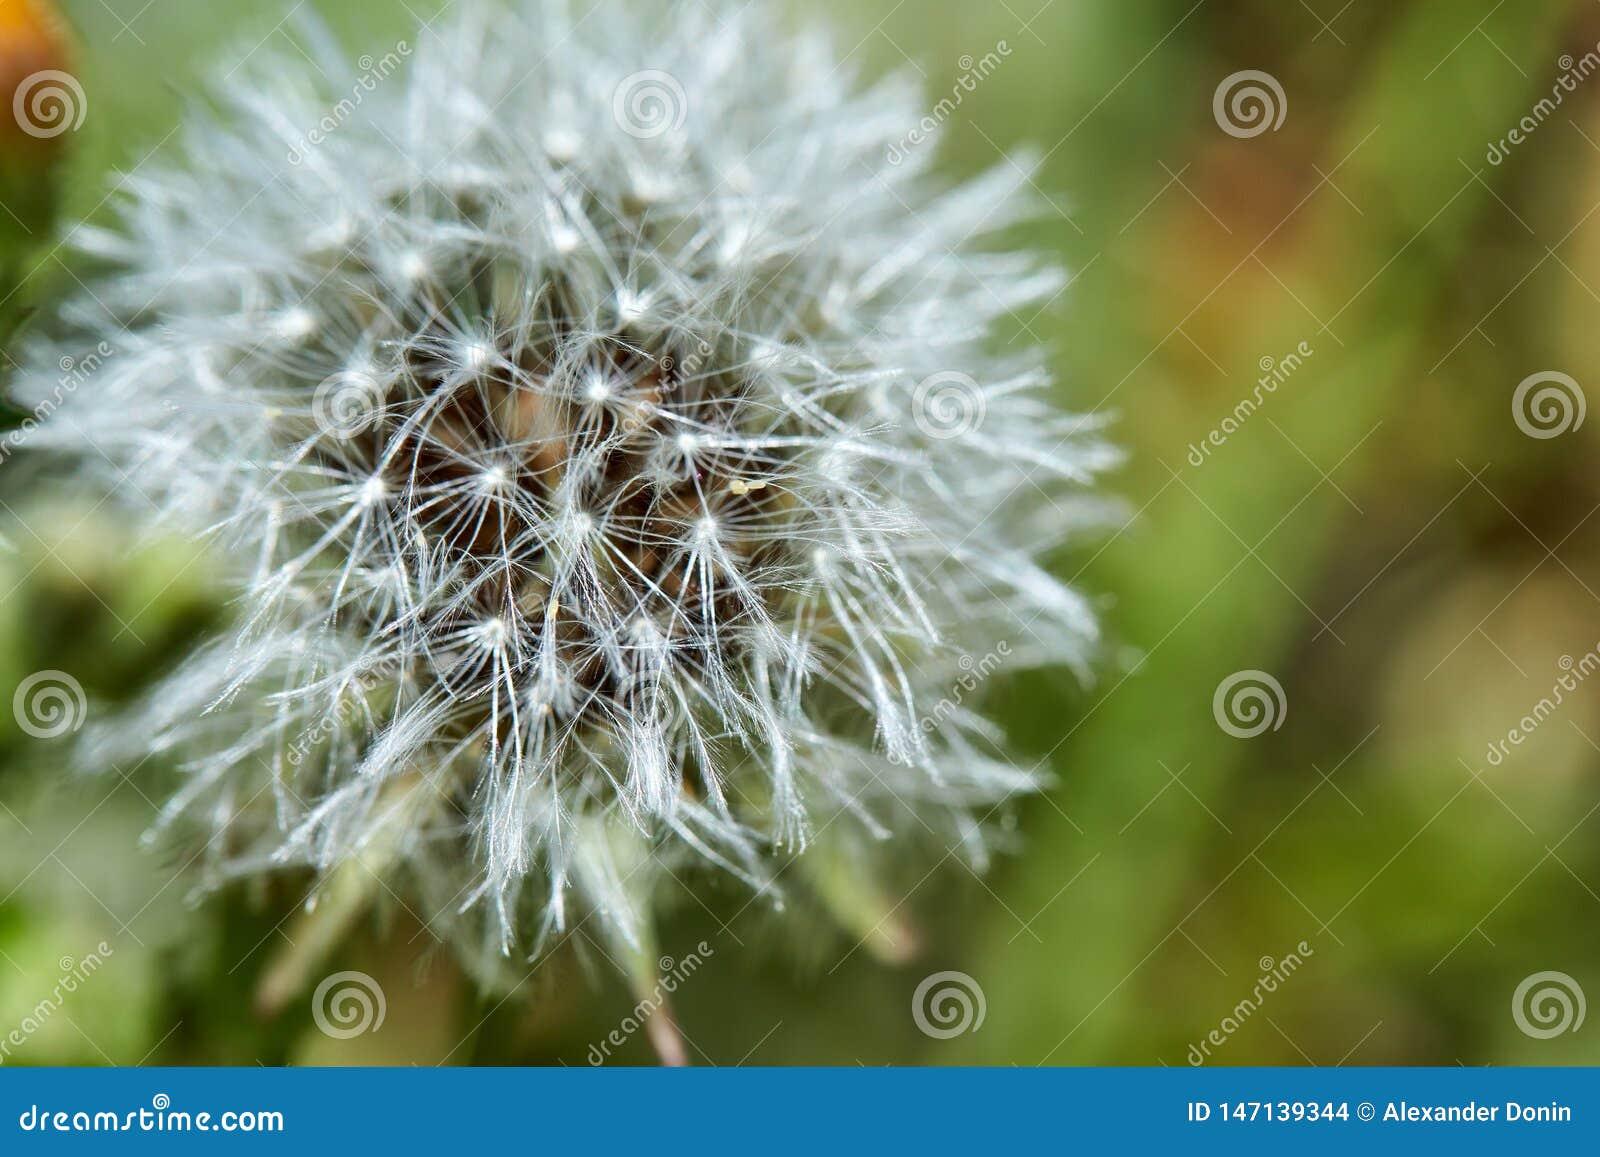 Den blommade maskrosen i natur v?xer fr?n gr?nt gr?s